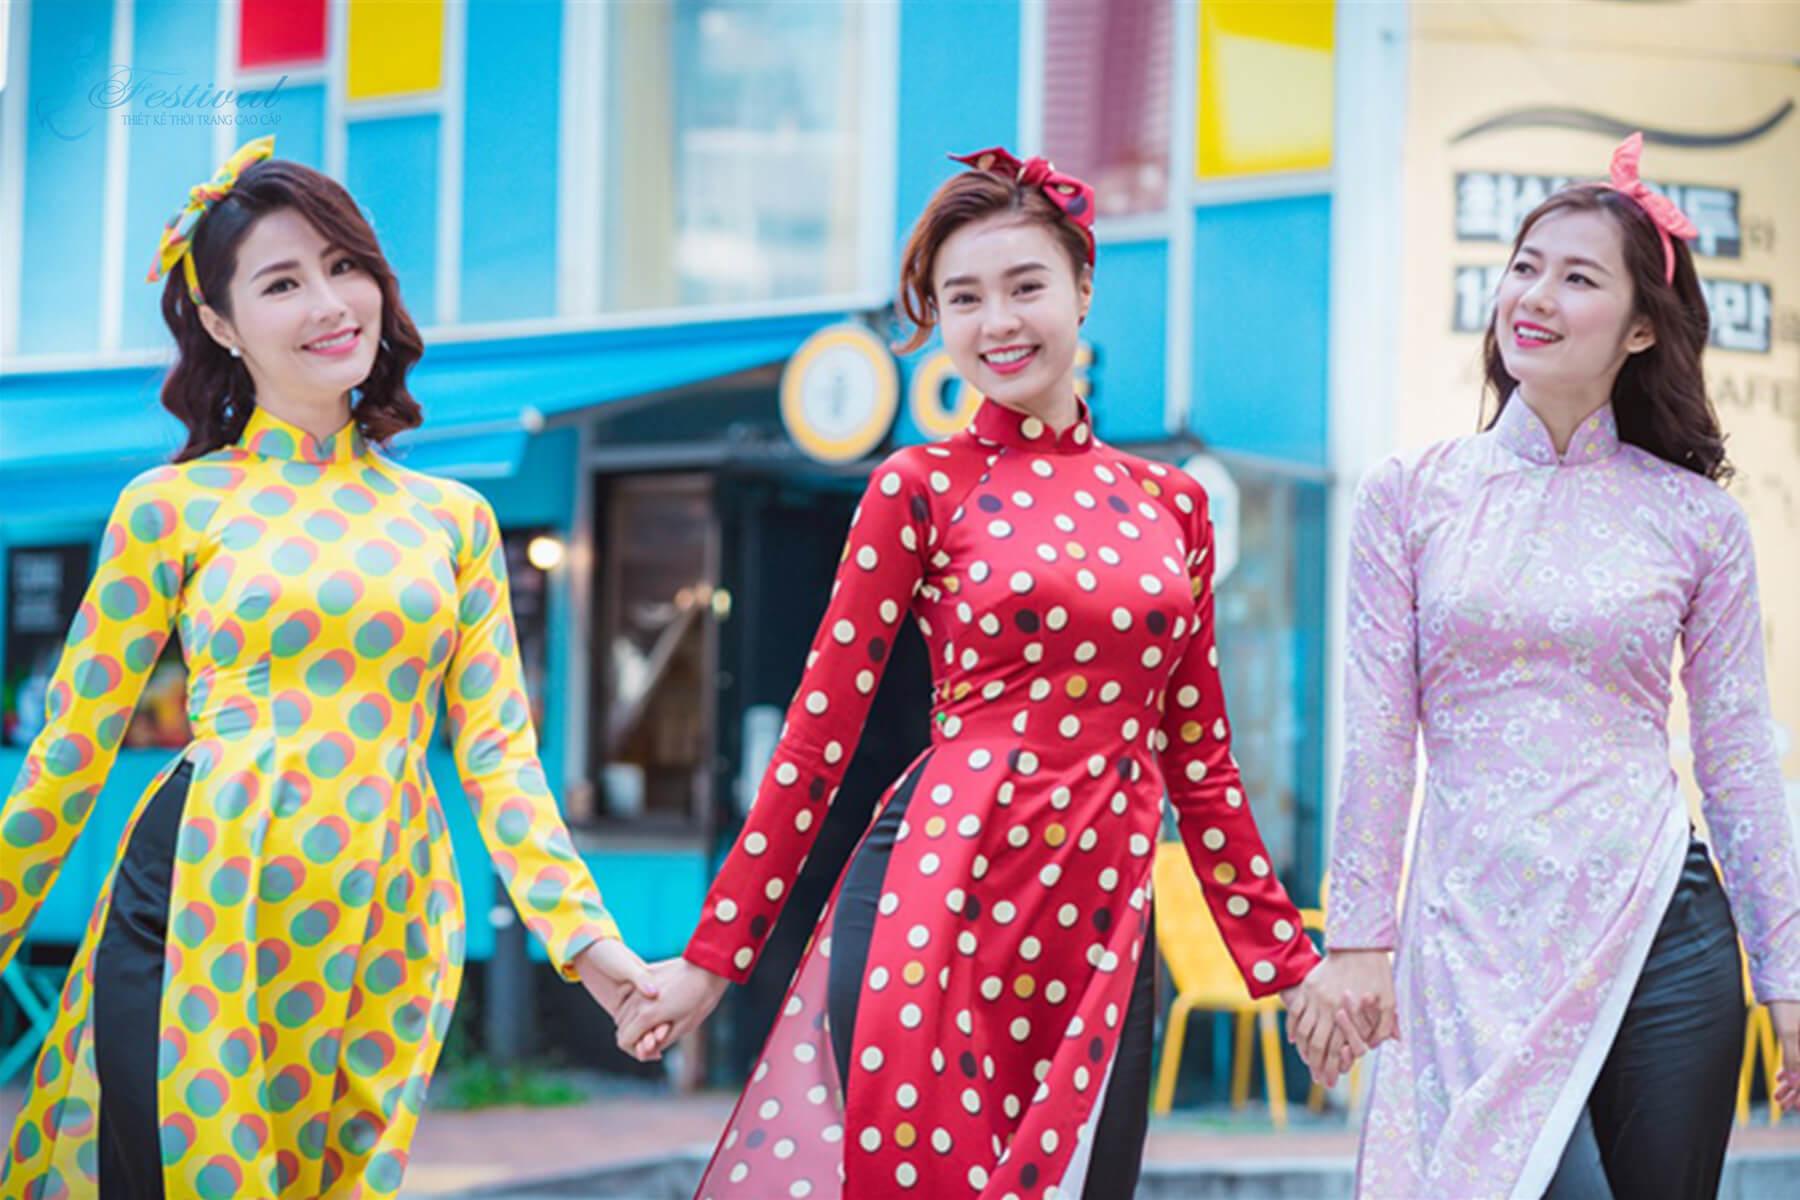 Áo dài cô ba sài gòn - Xu hướng thời trang Tết 2019 dành cho phái nữ